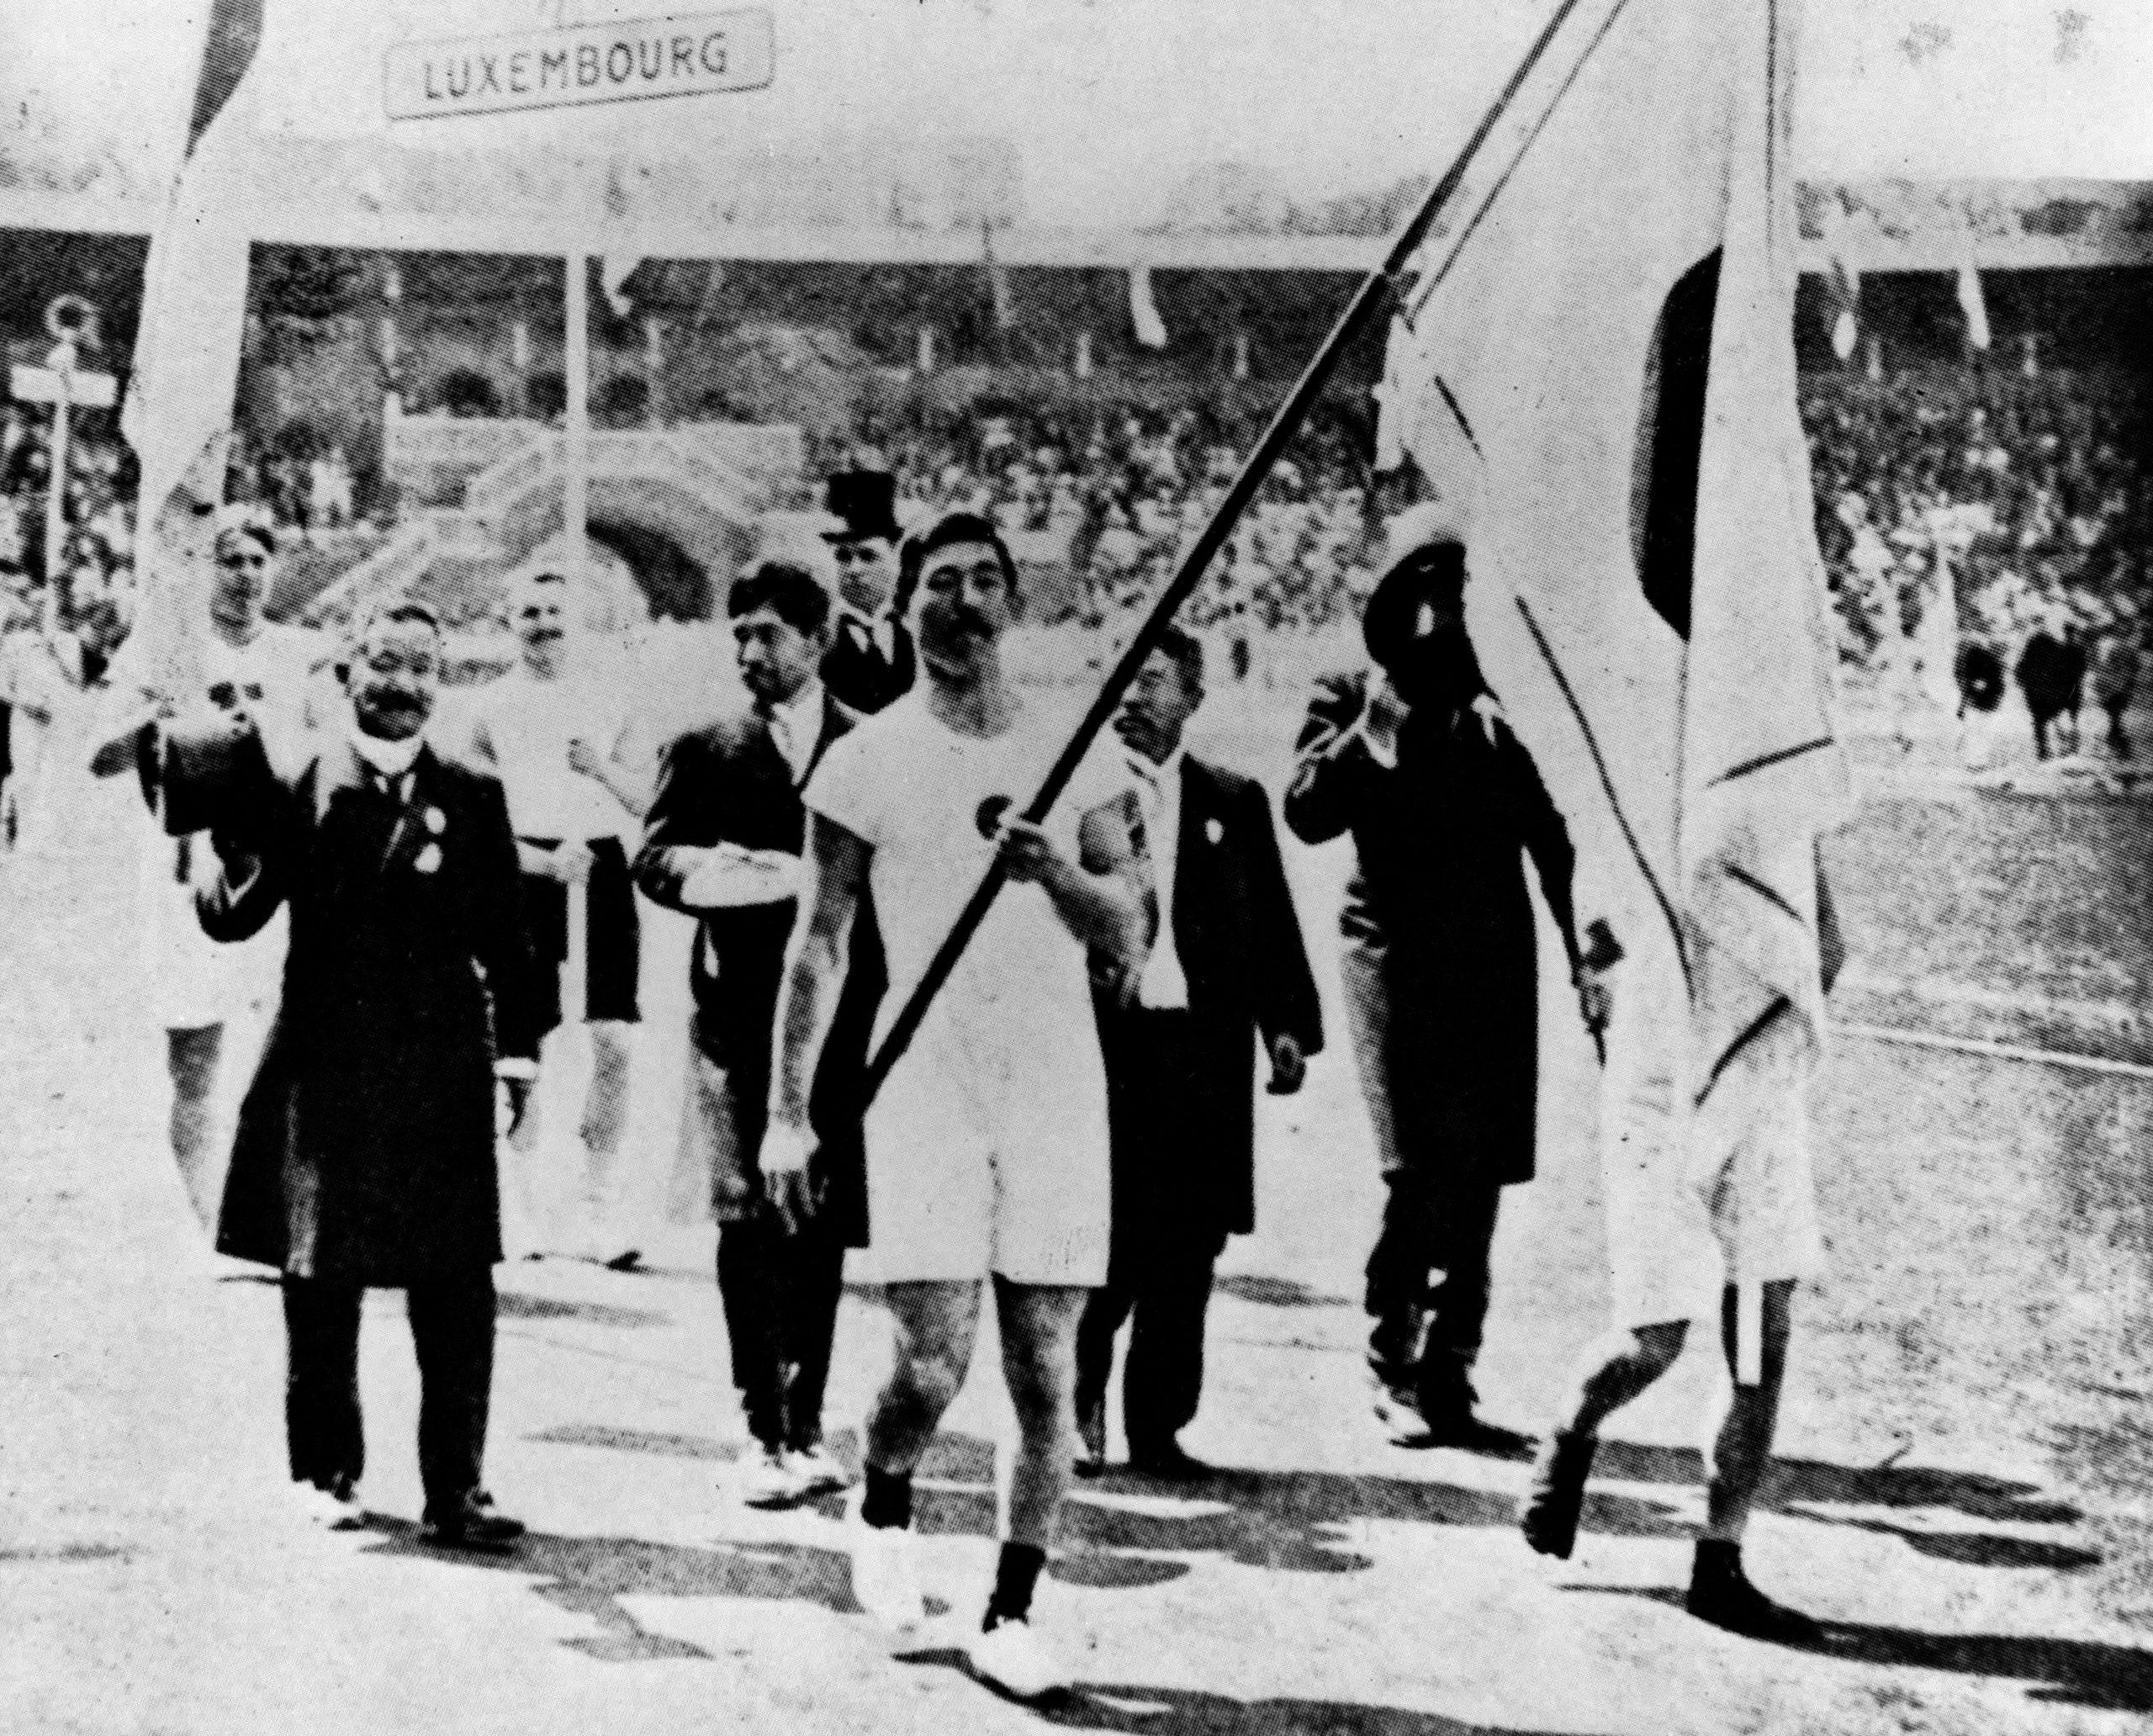 【今日は何の日?】日本初のオリンピック予選開催 三島弥彦が3冠(1911年)